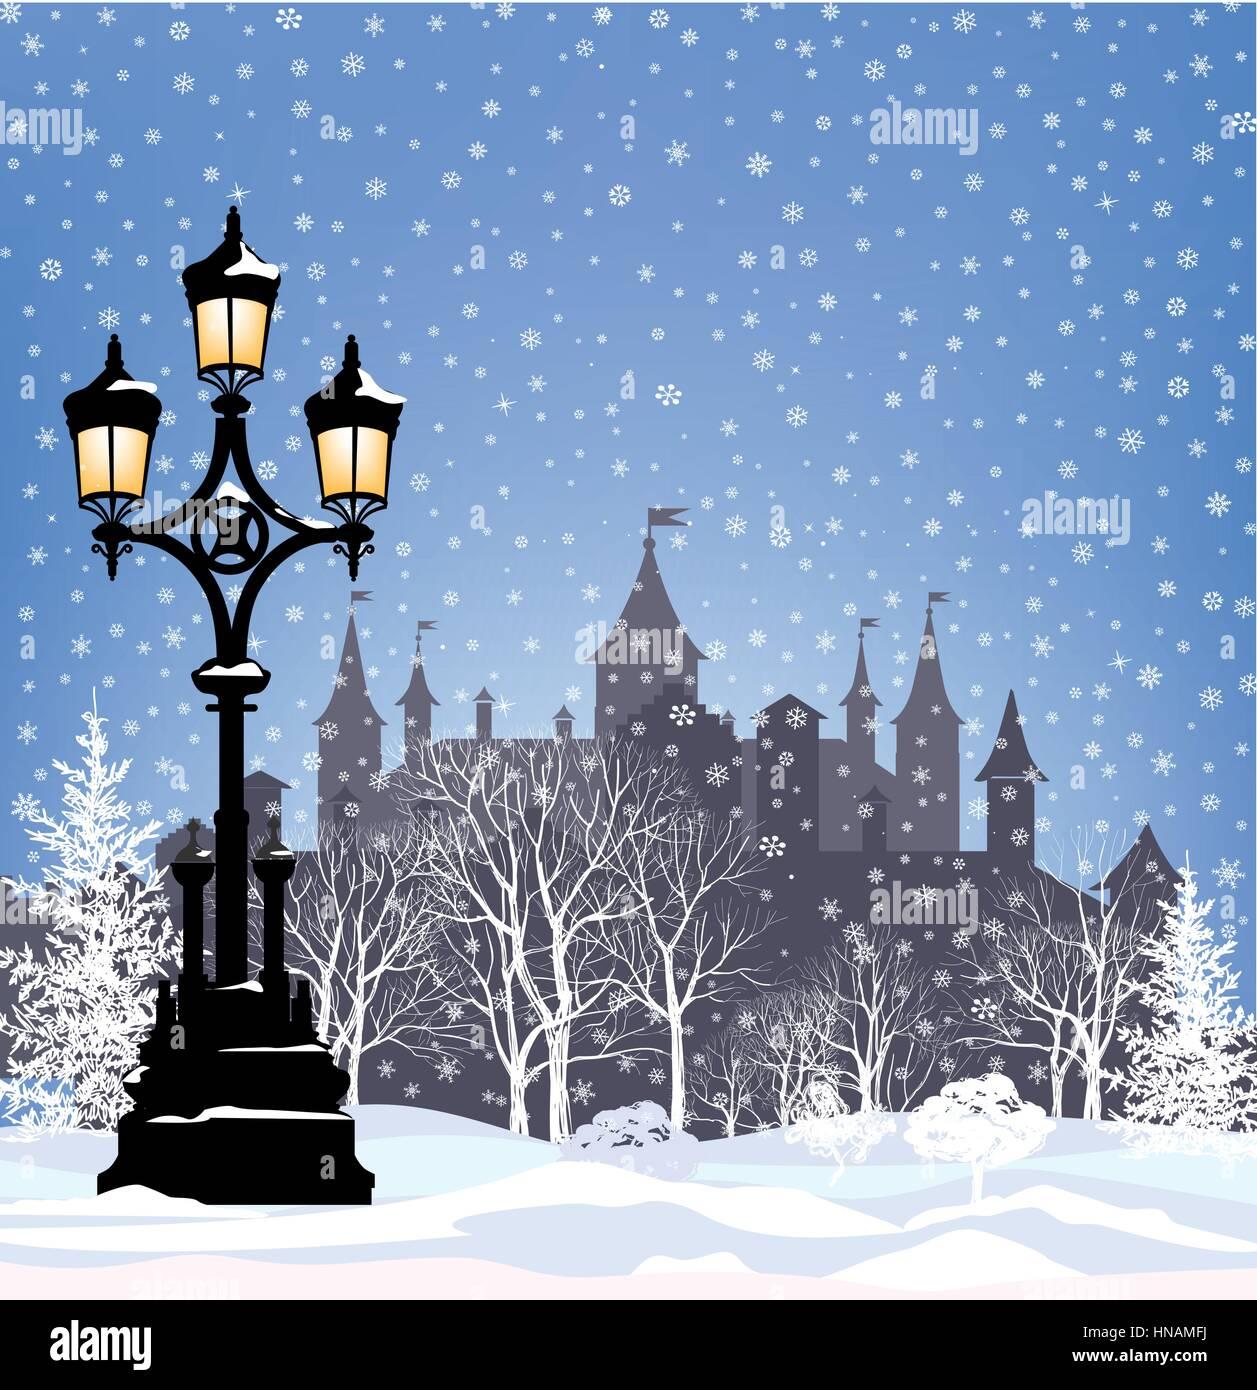 Winterurlaub schnee stadt Hintergrund. frohe Weihnachten Grußkarte ...